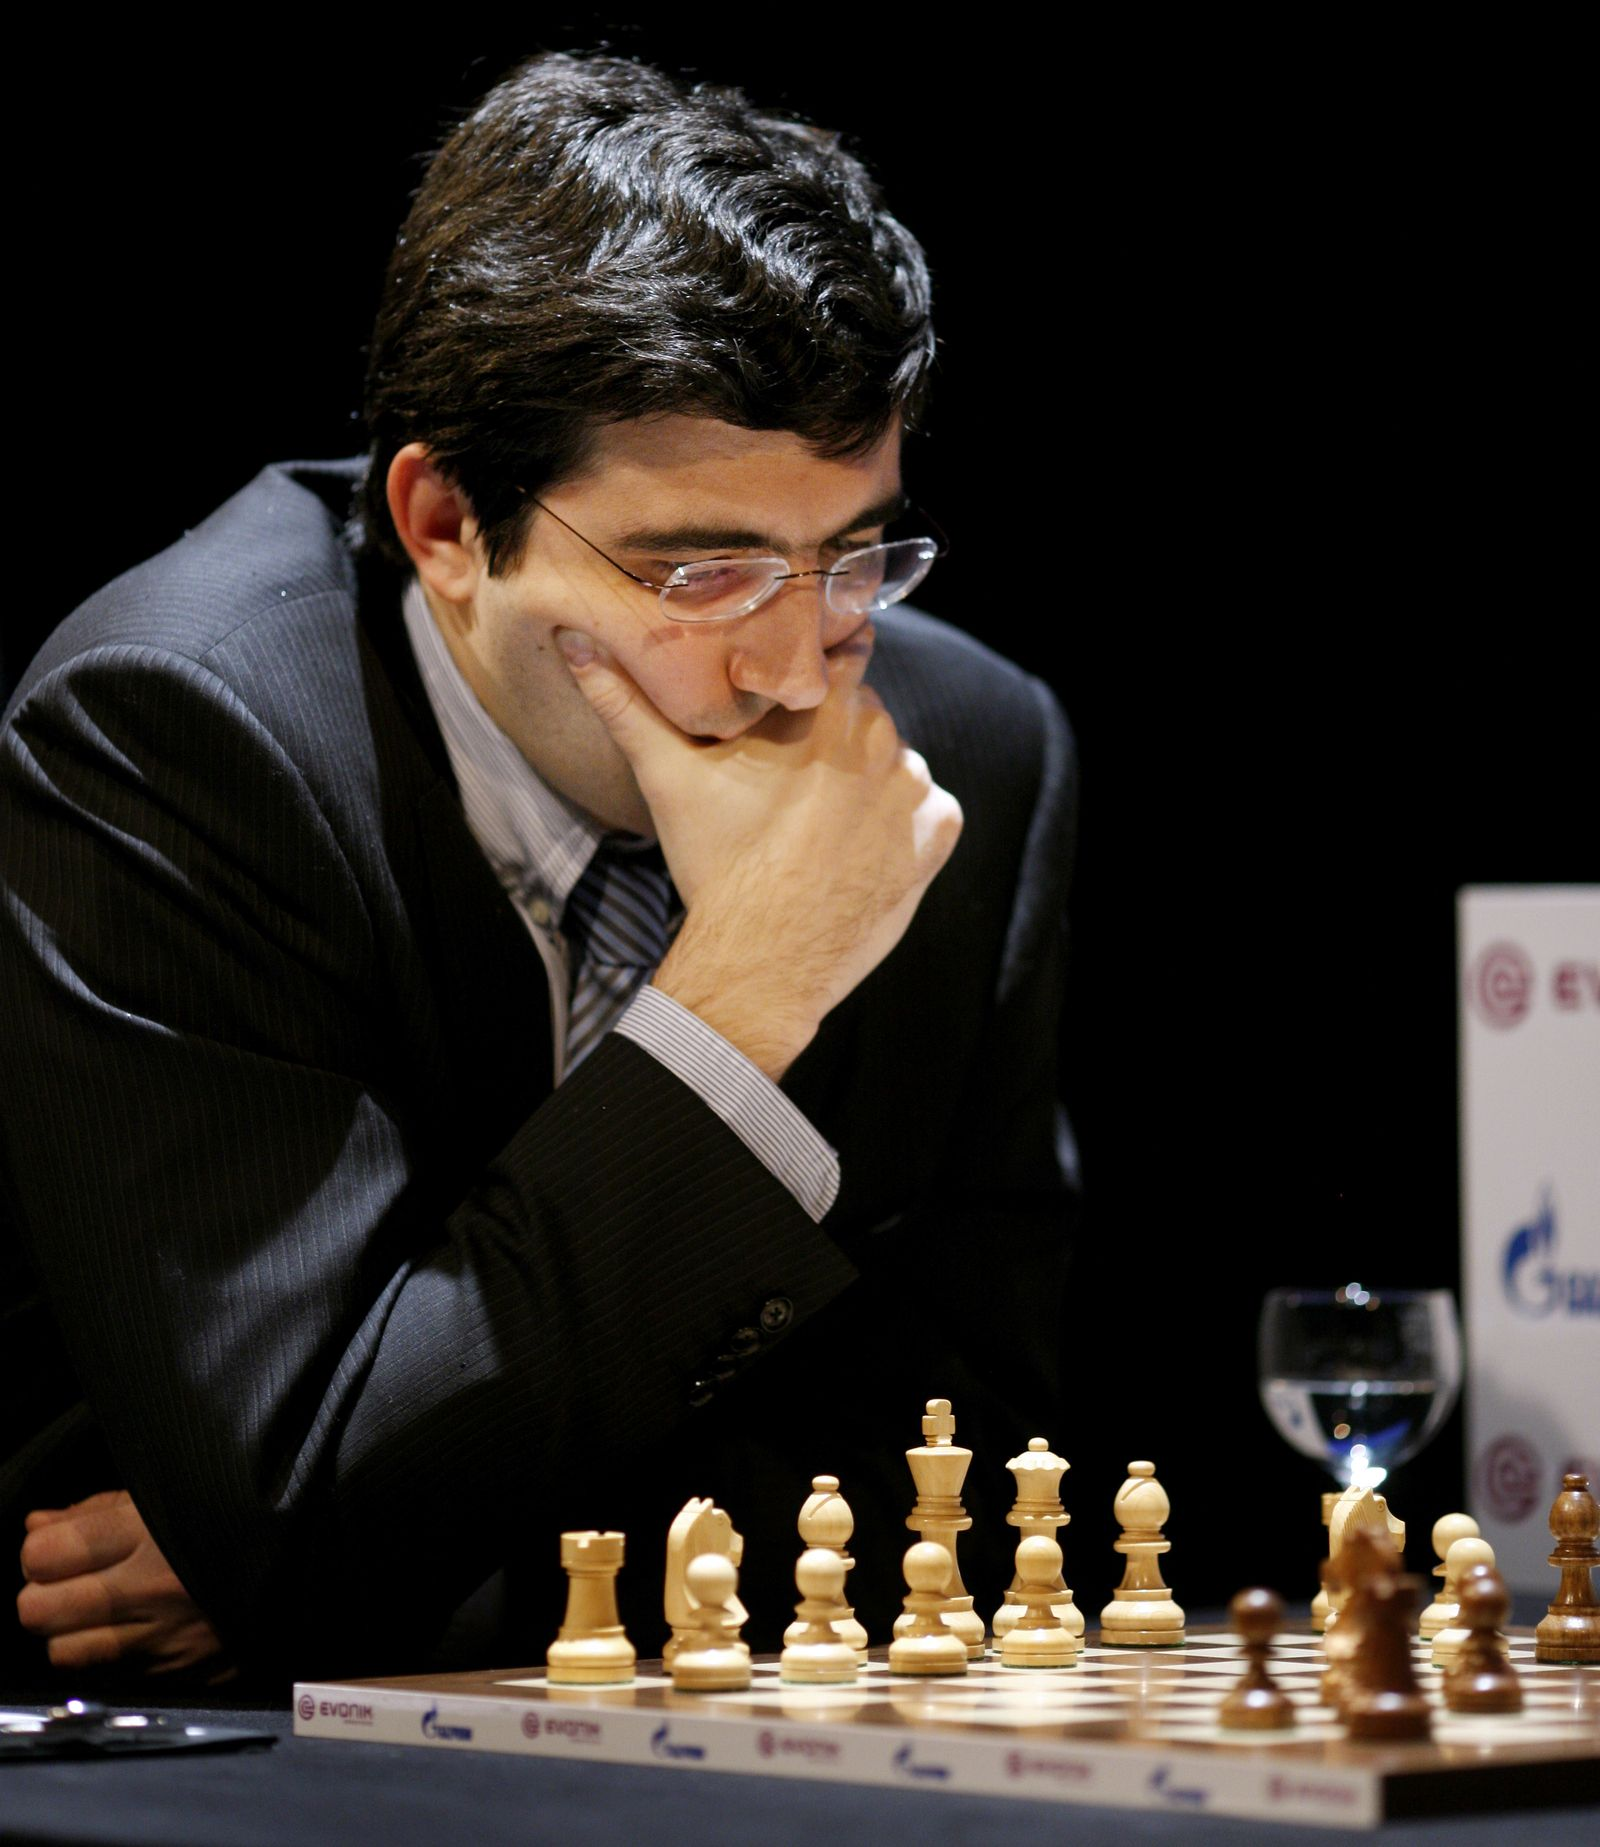 Schach-WM - Wladimir Kramnik